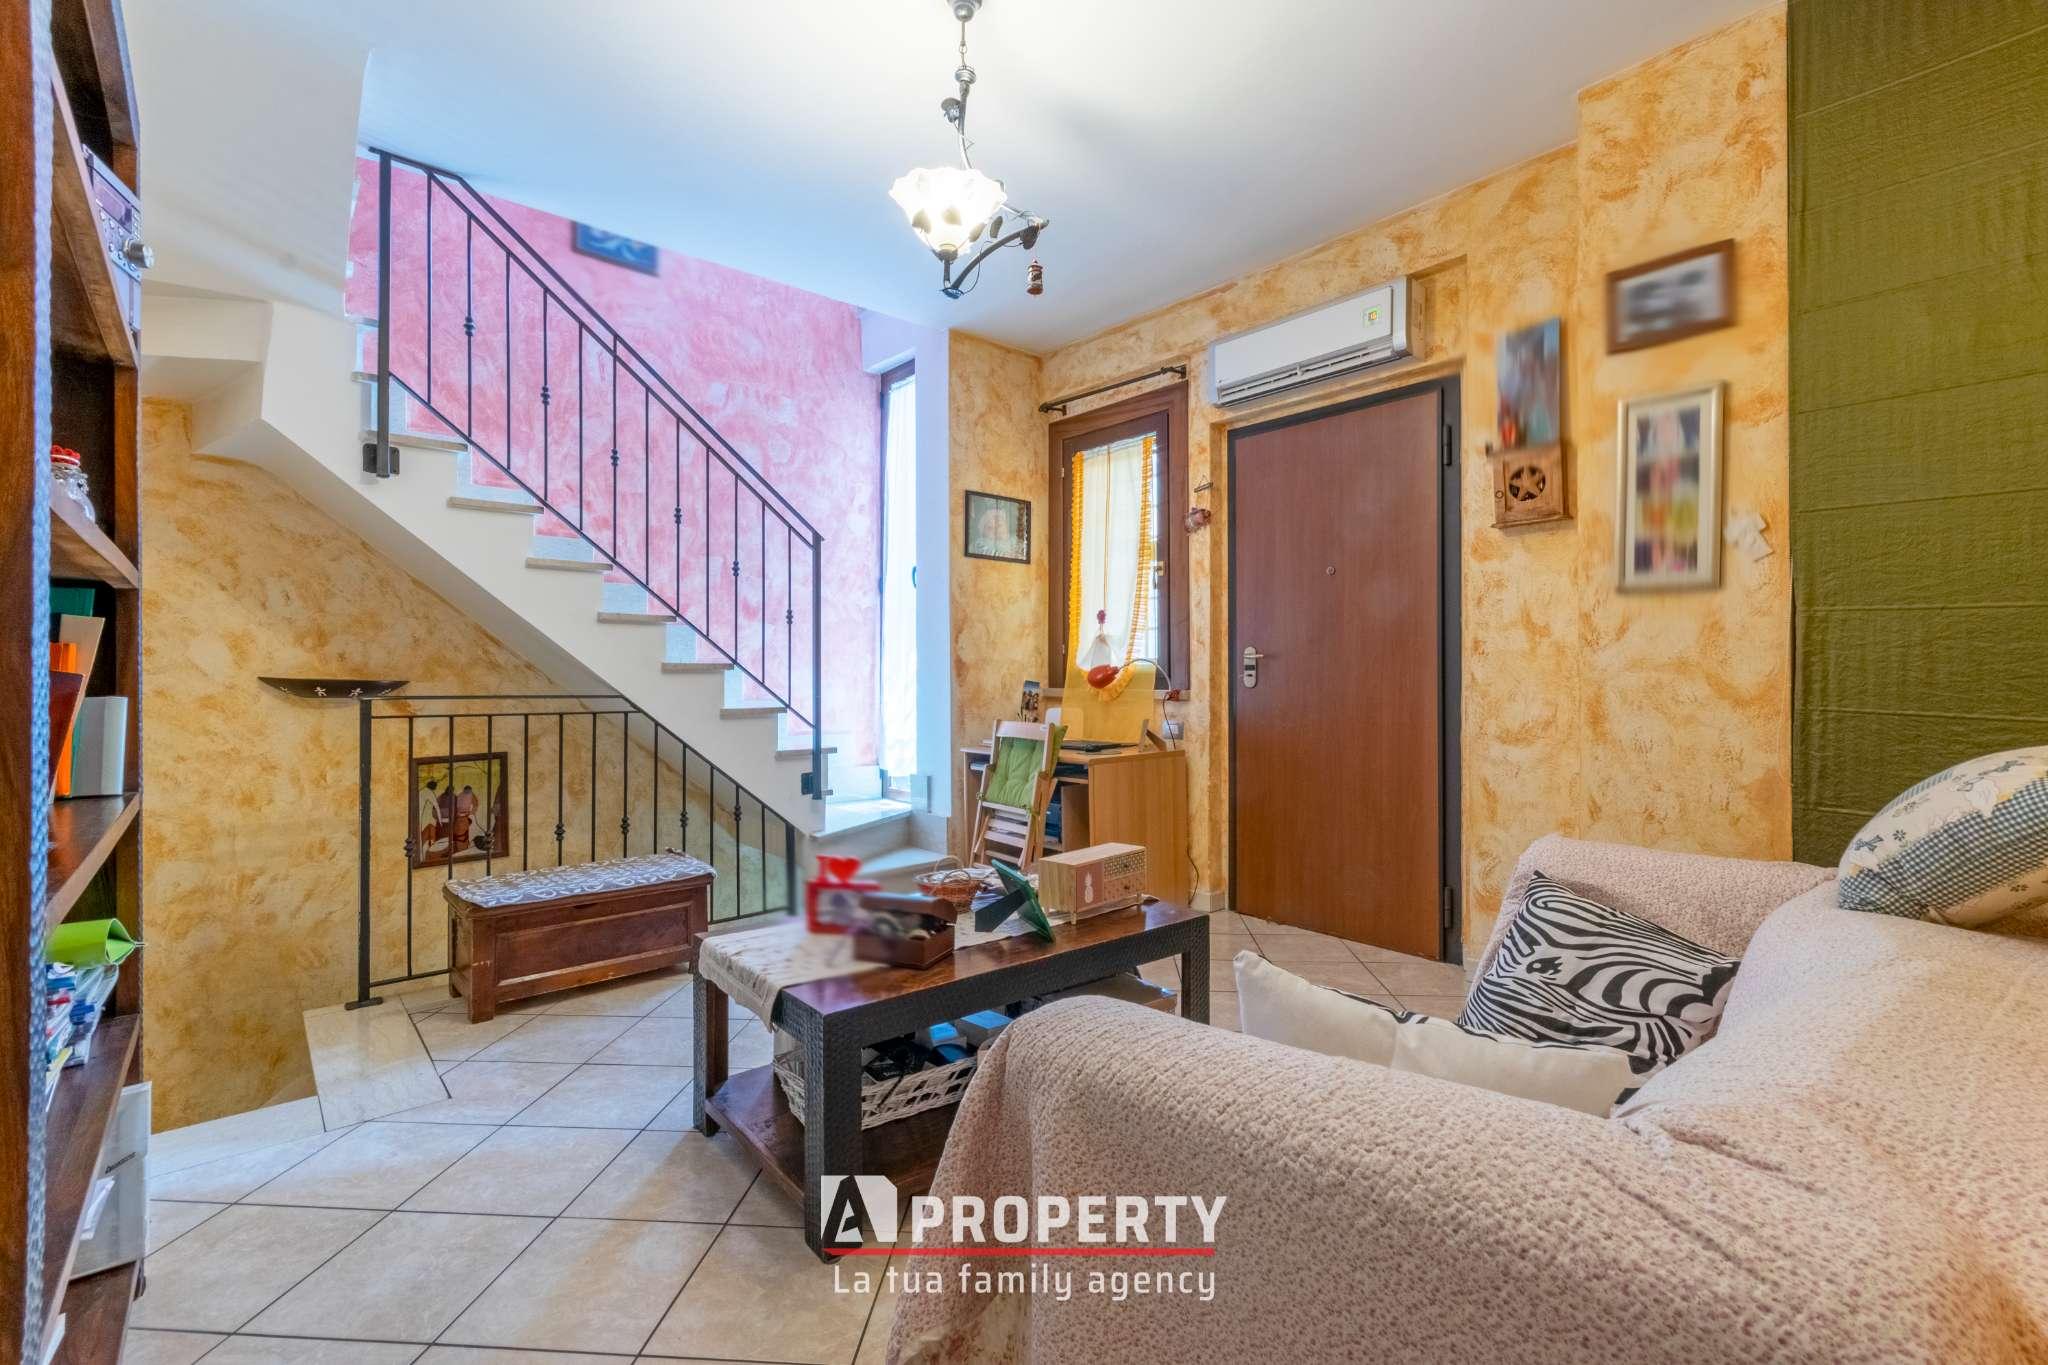 Villa Tri-Quadrifamiliare in vendita a Roma, 5 locali, zona Zona: 36 . Finocchio, Torre Gaia, Tor Vergata, Borghesiana, prezzo € 185.000   CambioCasa.it